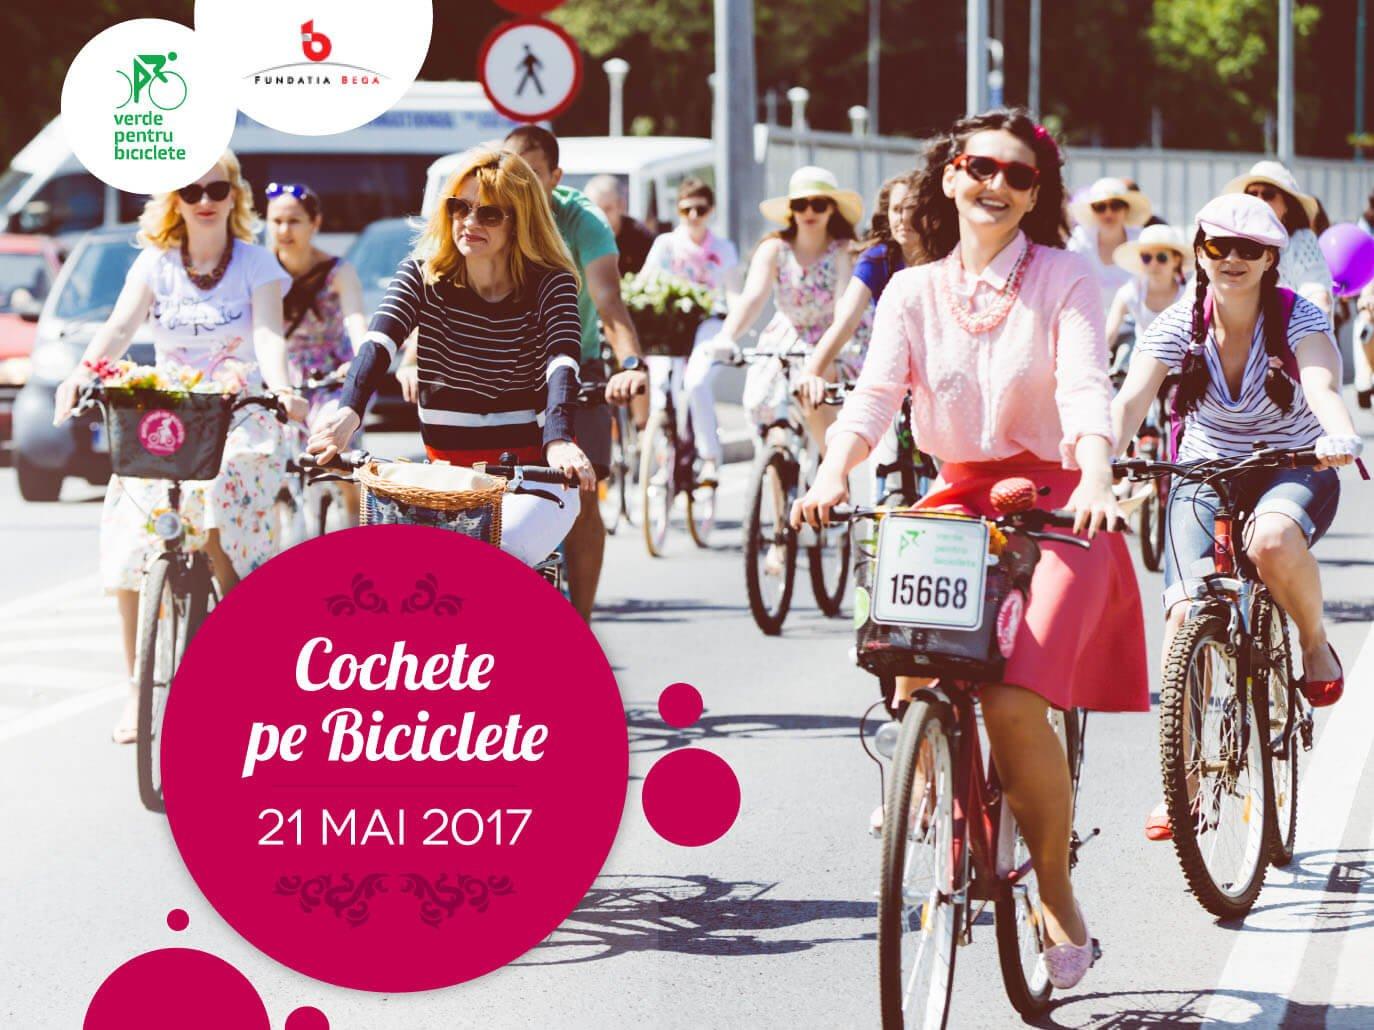 Cochete pe biciclete – 21 mai 2017